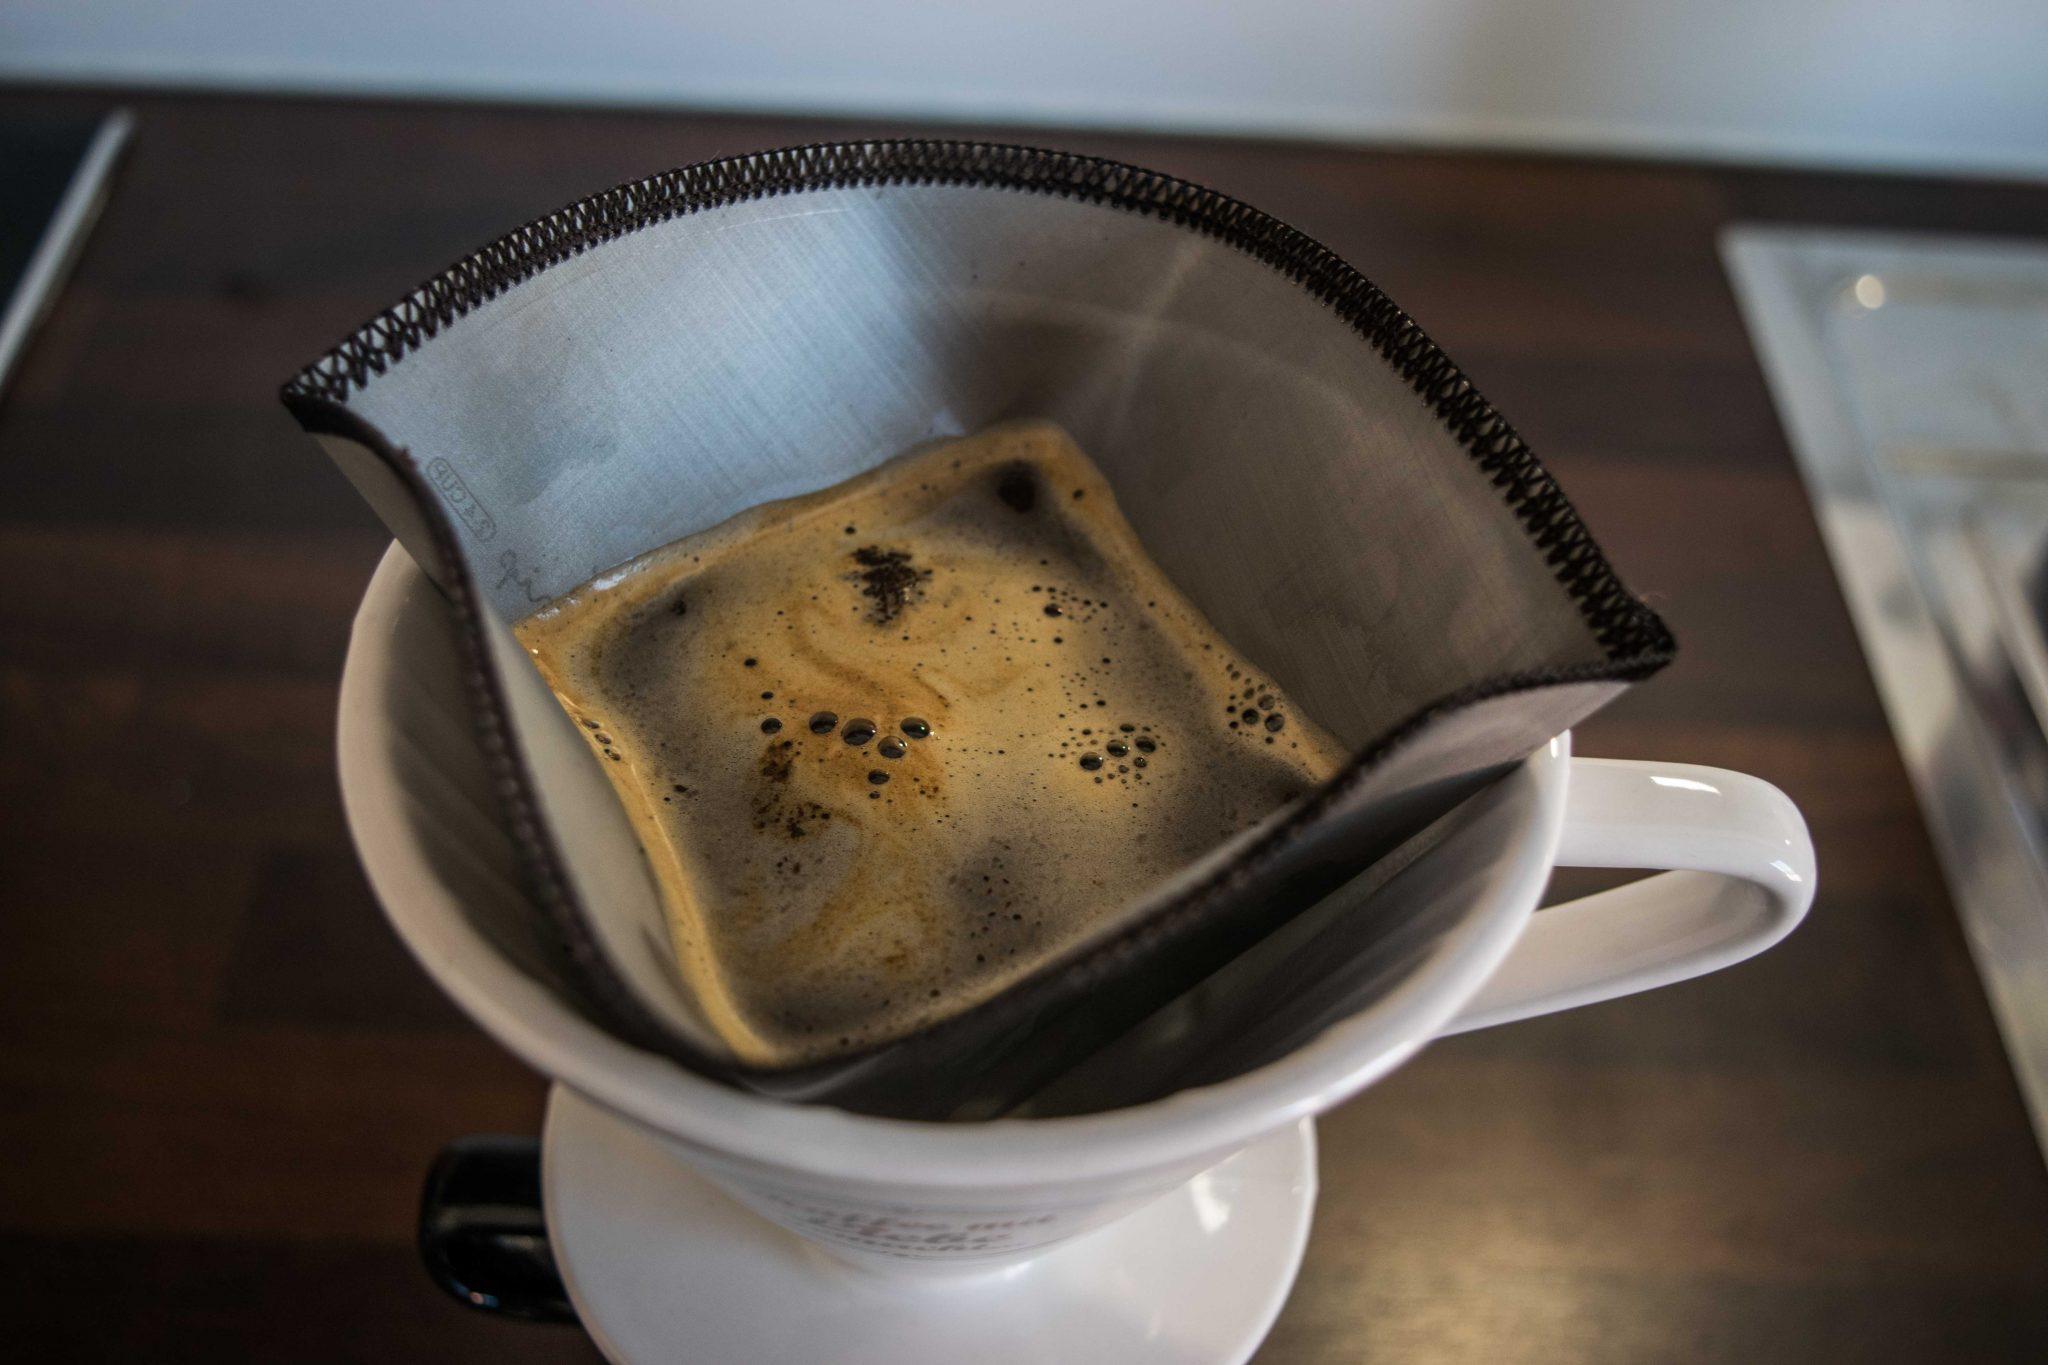 Dauerkaffeefilter für Filterkaffee Benutzung